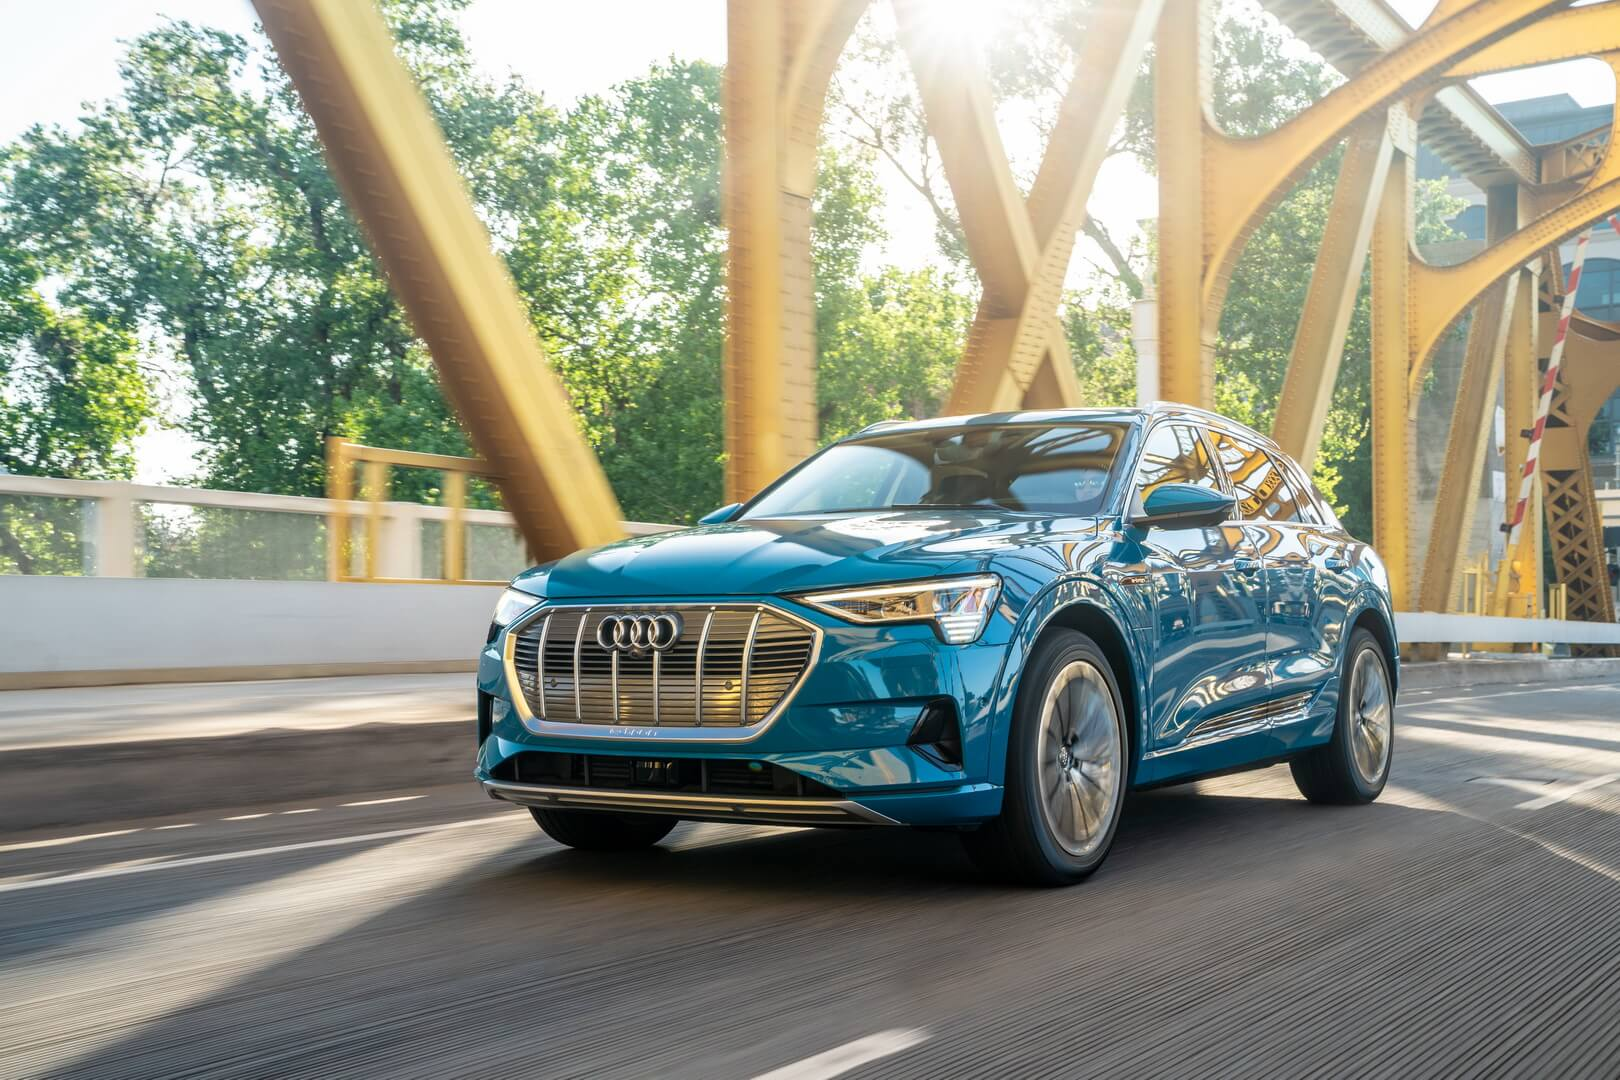 Серийно выпускаемый первый электромобиль компании Audi e-tron quattro